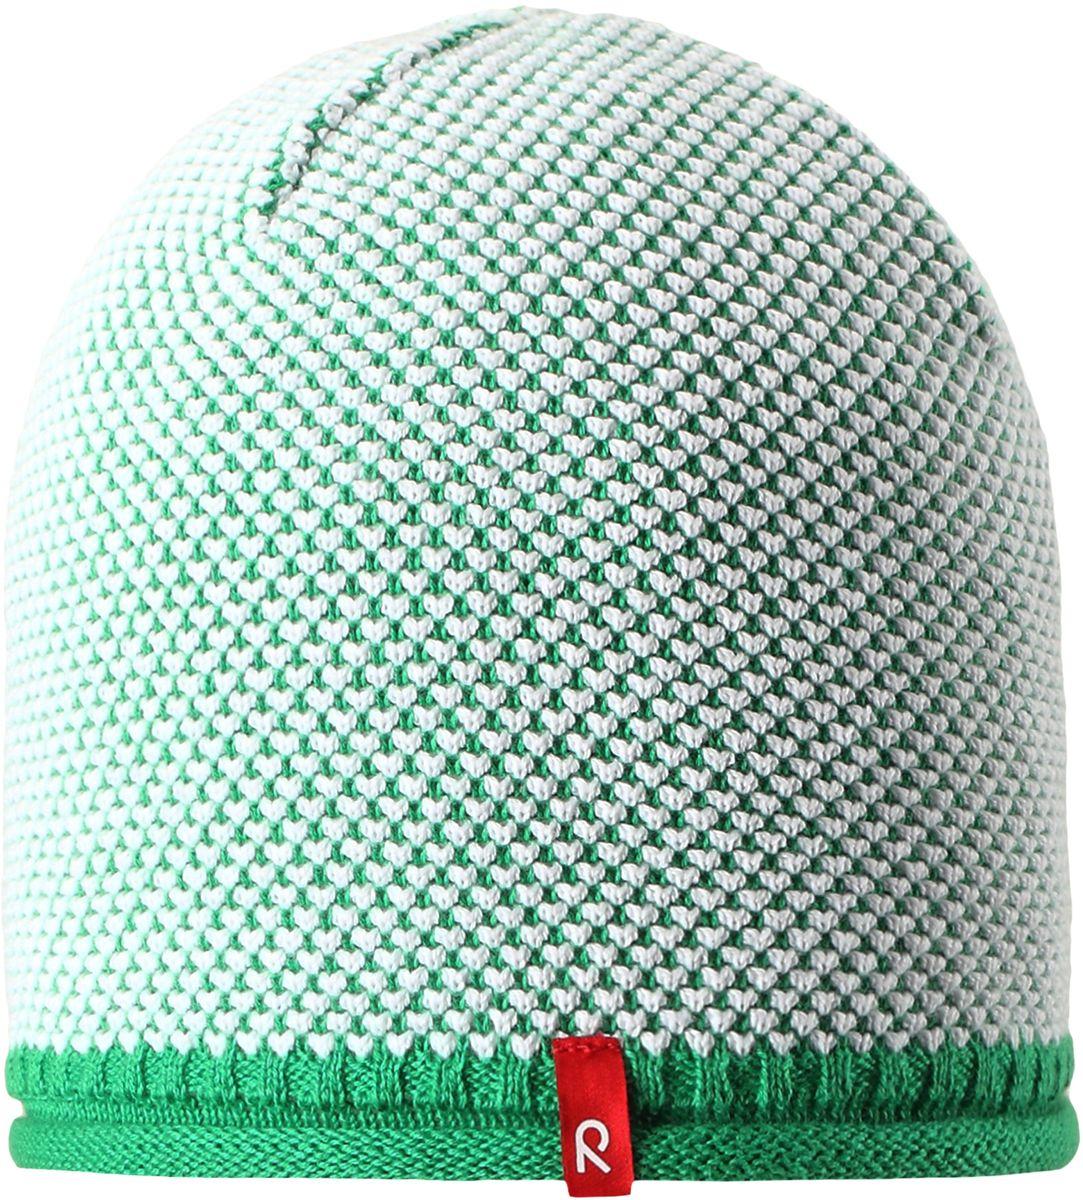 Шапка детская Reima Seilori, цвет: зеленый. 5285298800. Размер 545285298800Яркая детская шапка станет превосходным выбором в межсезонье, в ней можно и поиграть во дворе, и прогуляться по городу. Изготовлена из мягкого и комфортного вязаного хлопка. Эта симпатичная облегченная модель без подкладки идеально подходит для солнечной погоды. Модный вязаный узор.